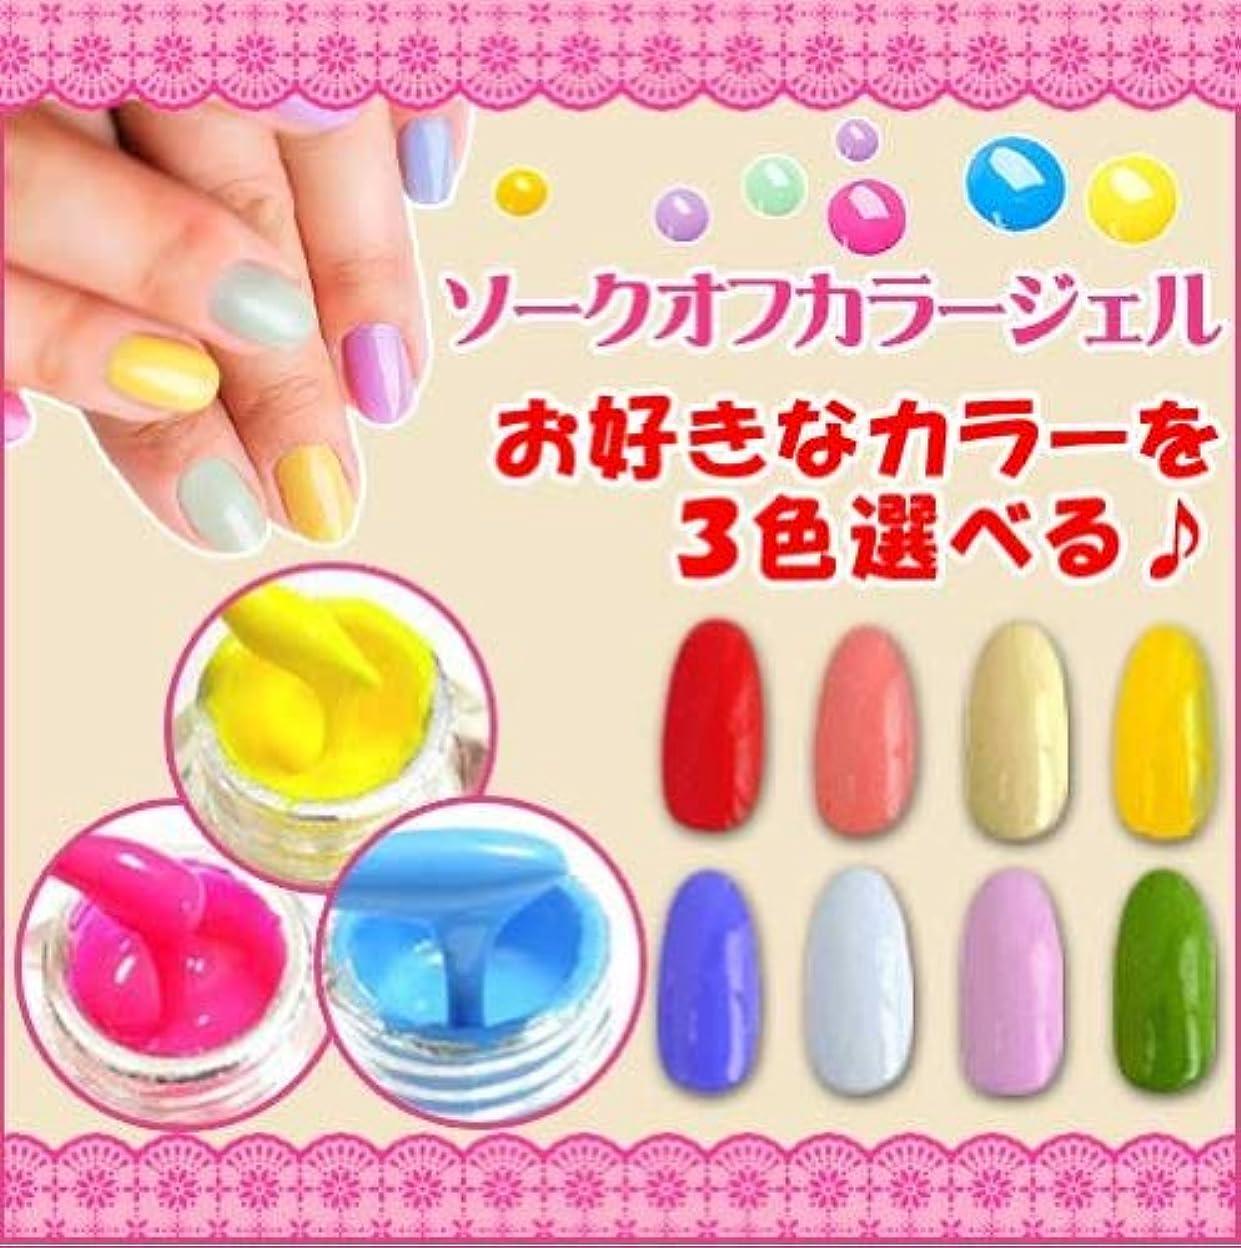 立証する火山の足【好きなカラーが選べる?】カラージェル3色セット☆発色抜群